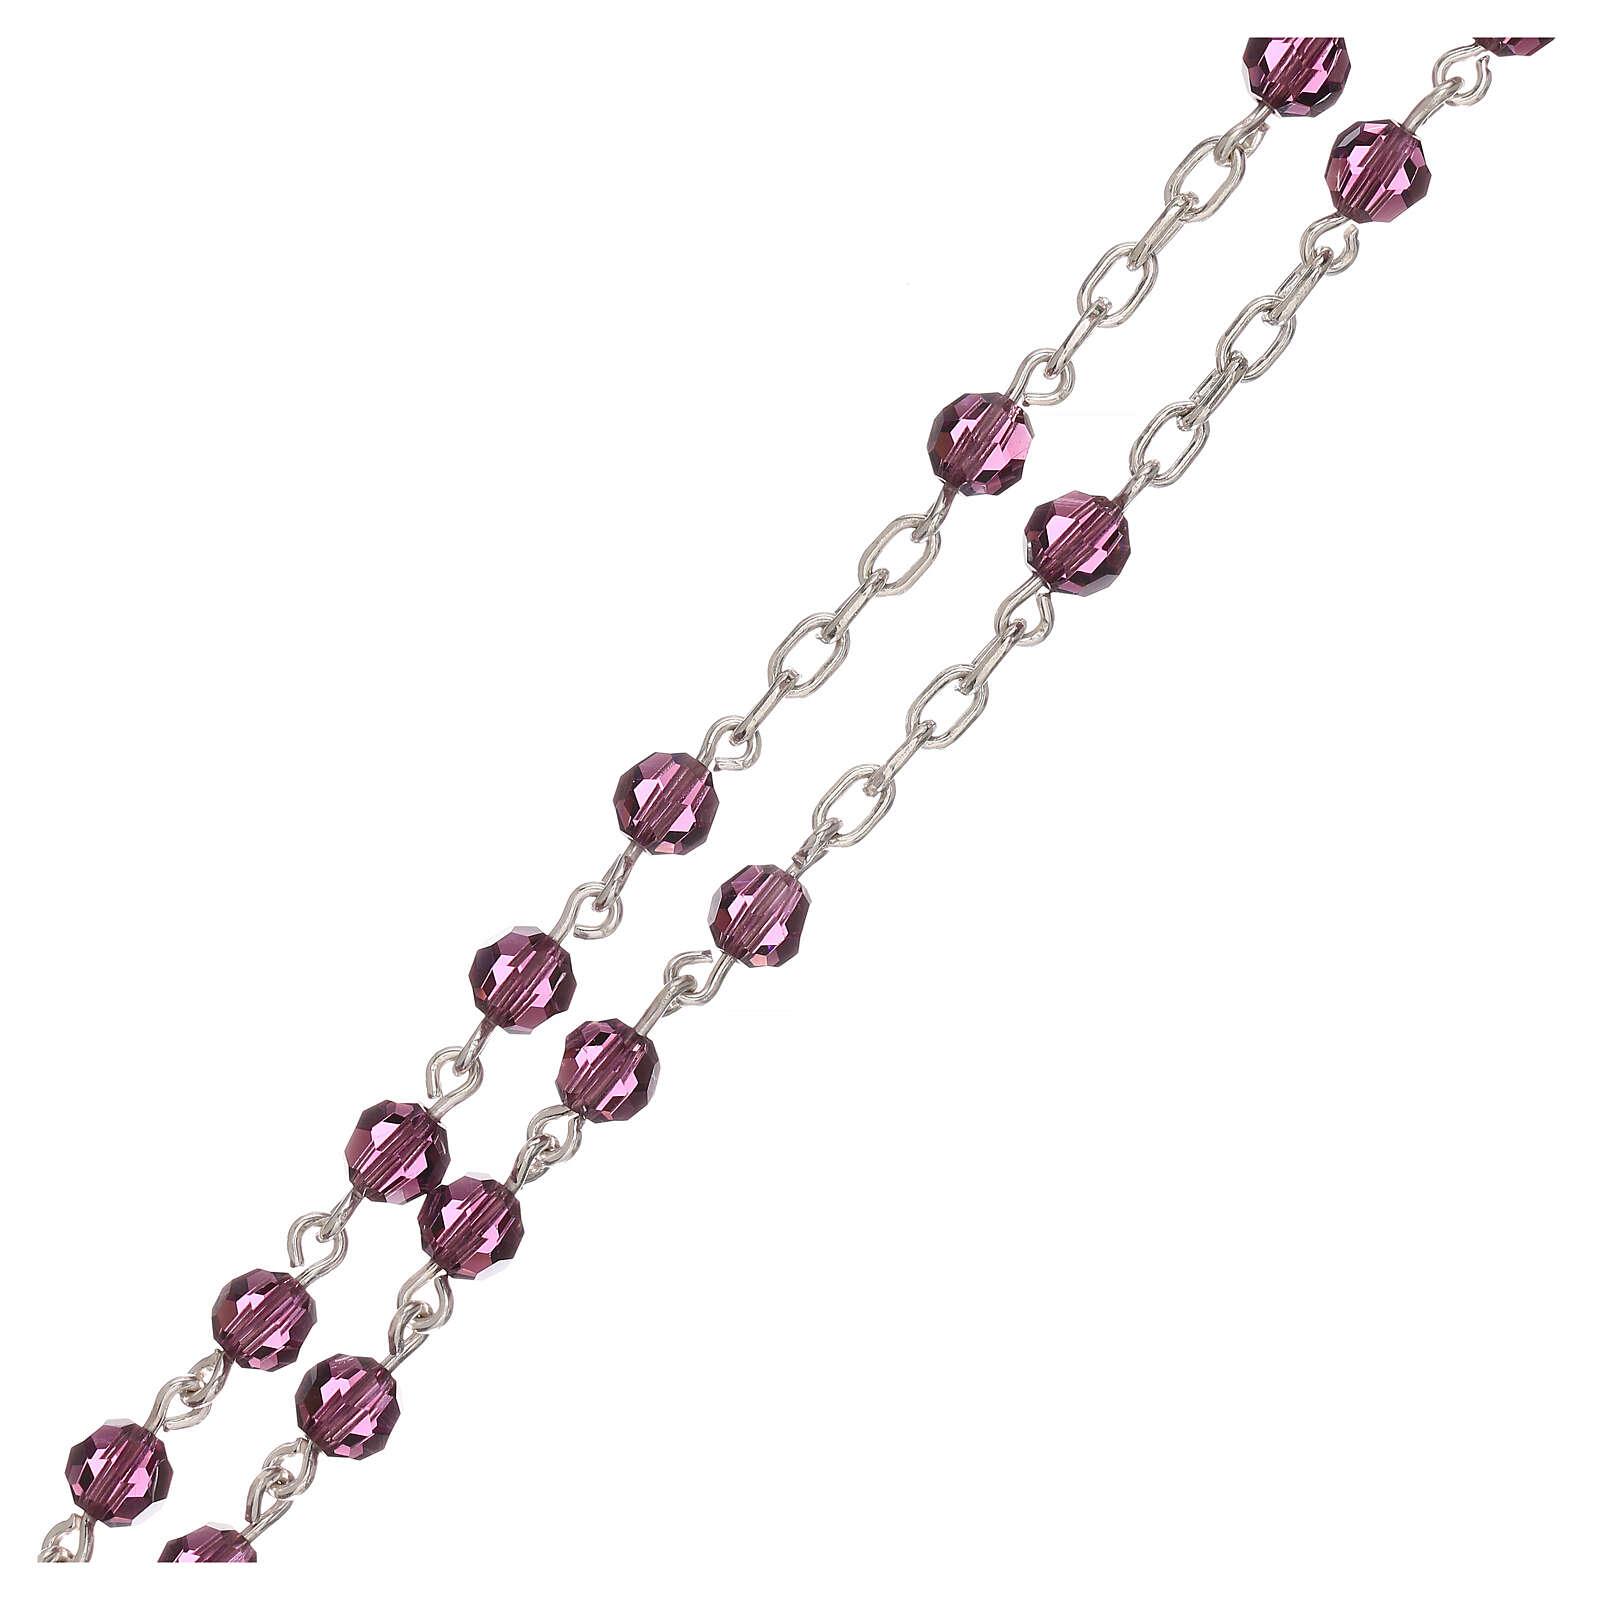 Rosario con cadena de plata y granos de Swarovski violeta 4 mm 4